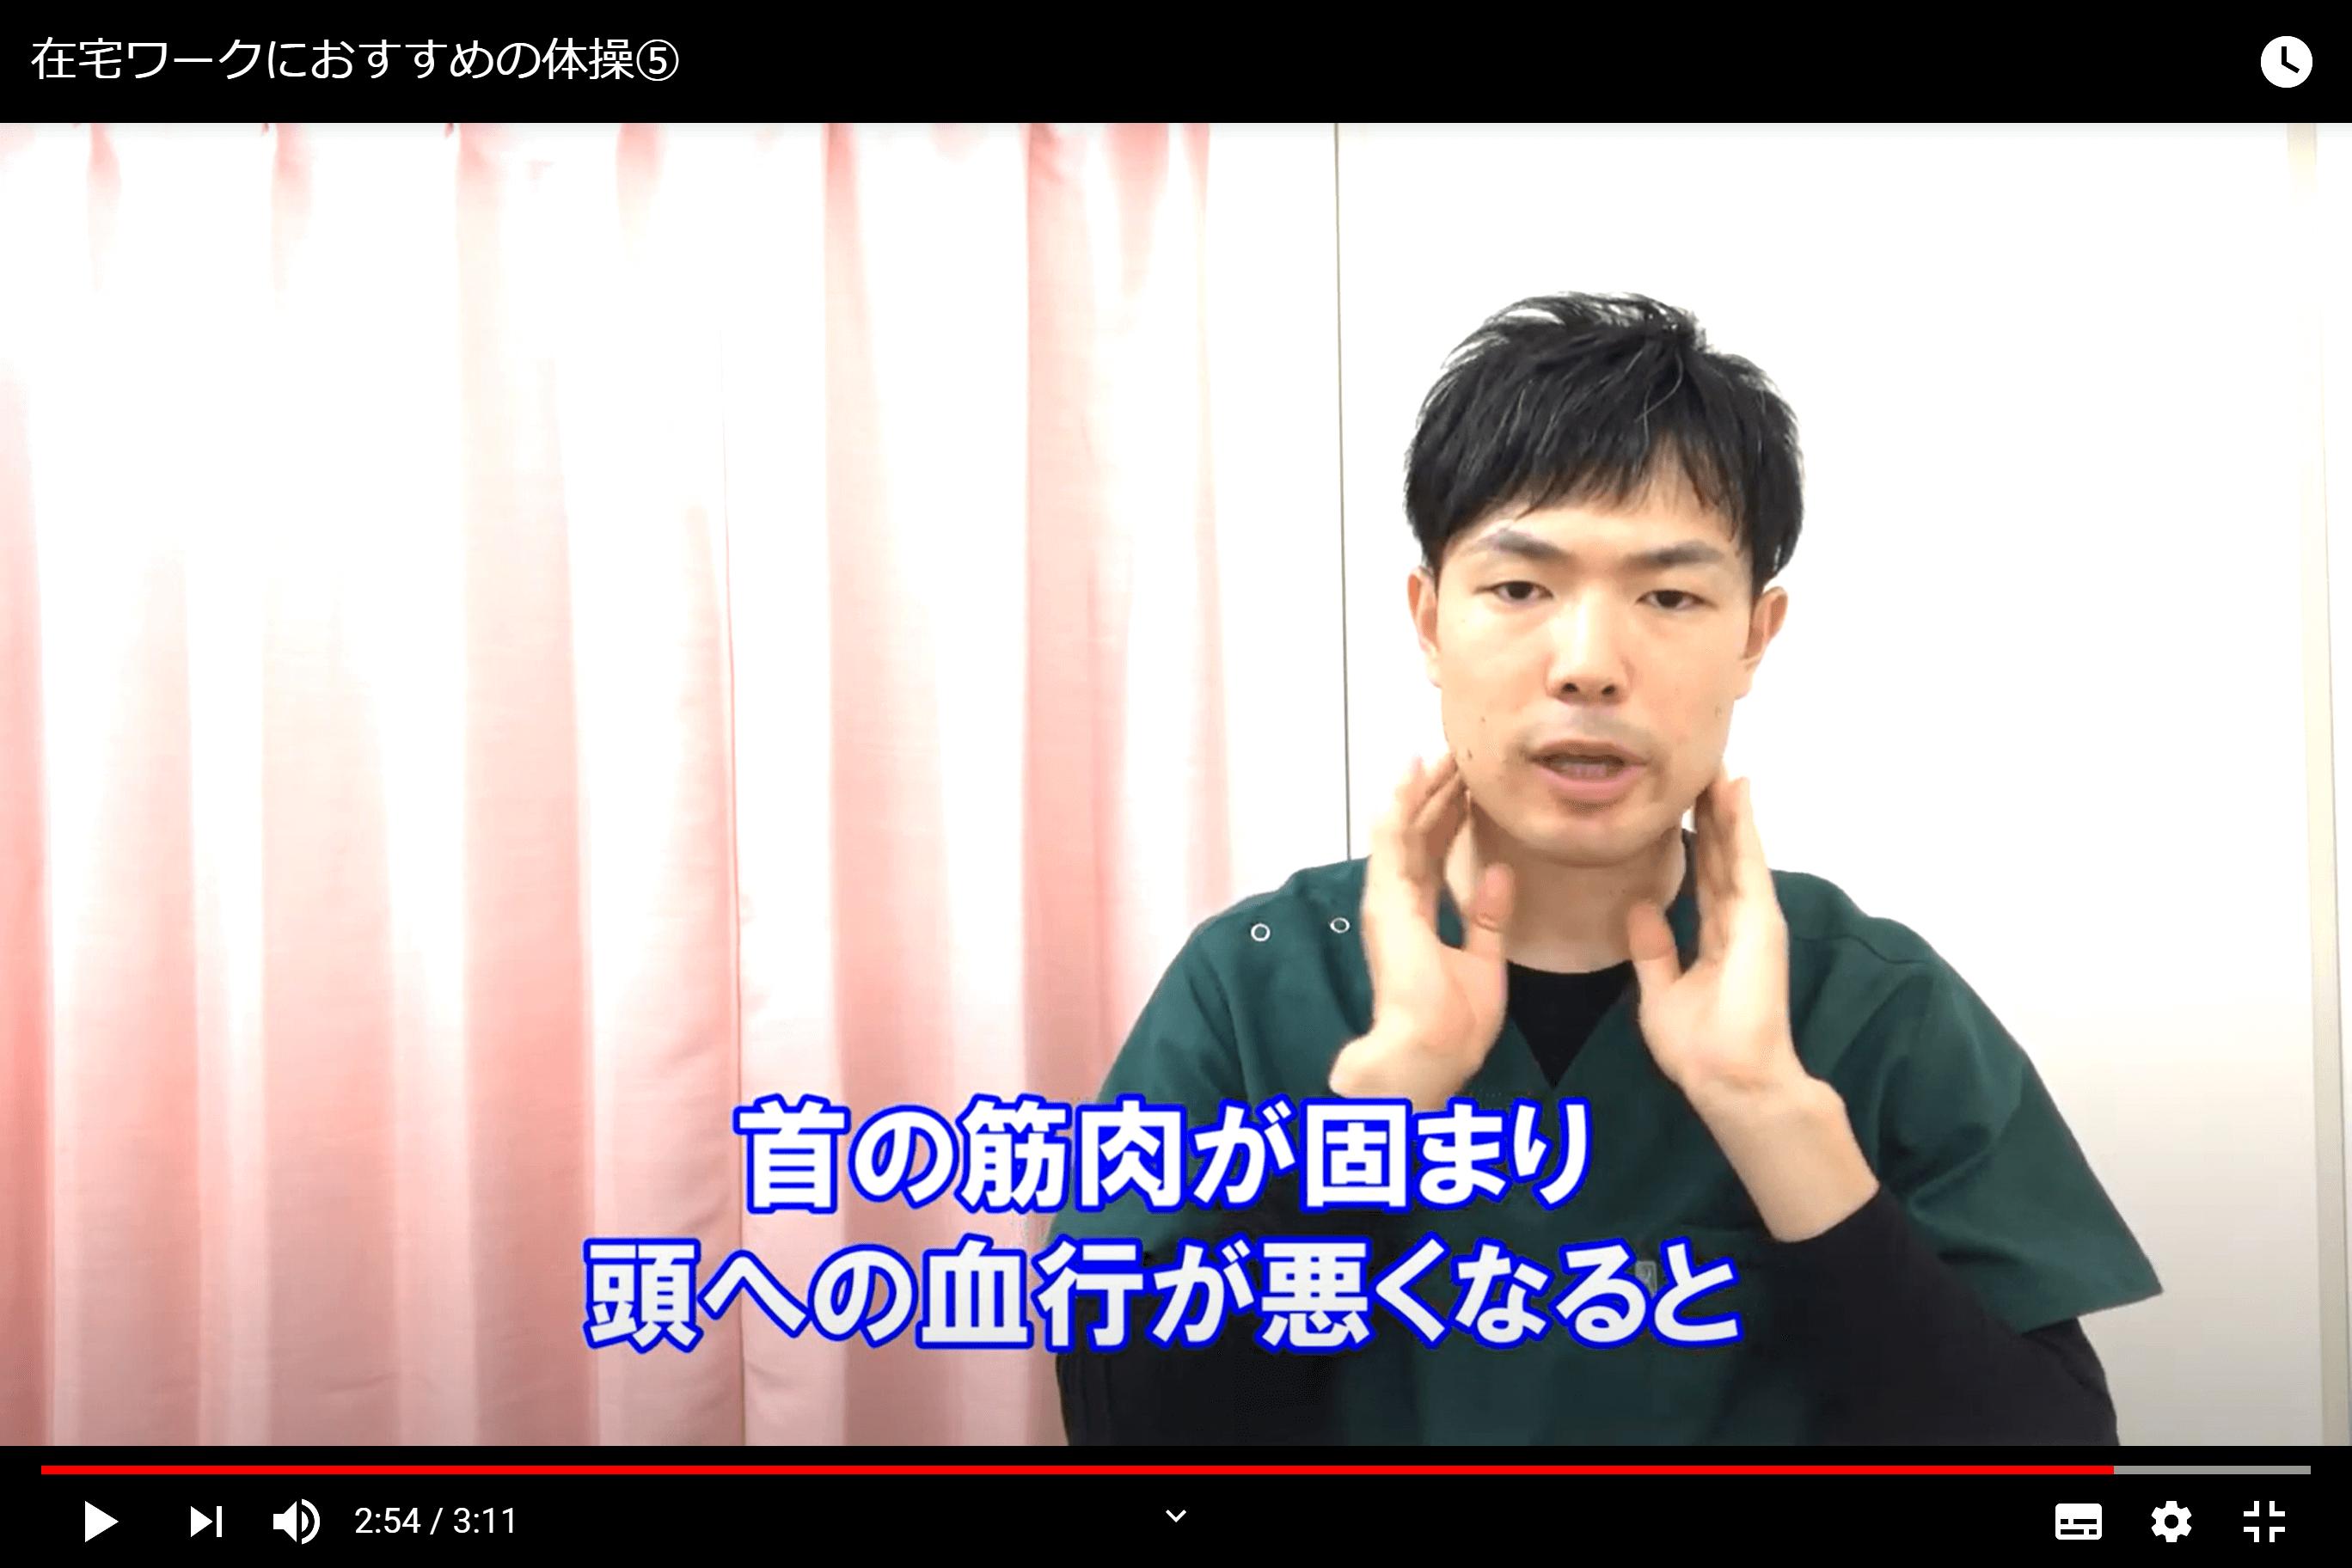 浦安の整体院+nico中嶋和人先生のオンラインパーソナルケア